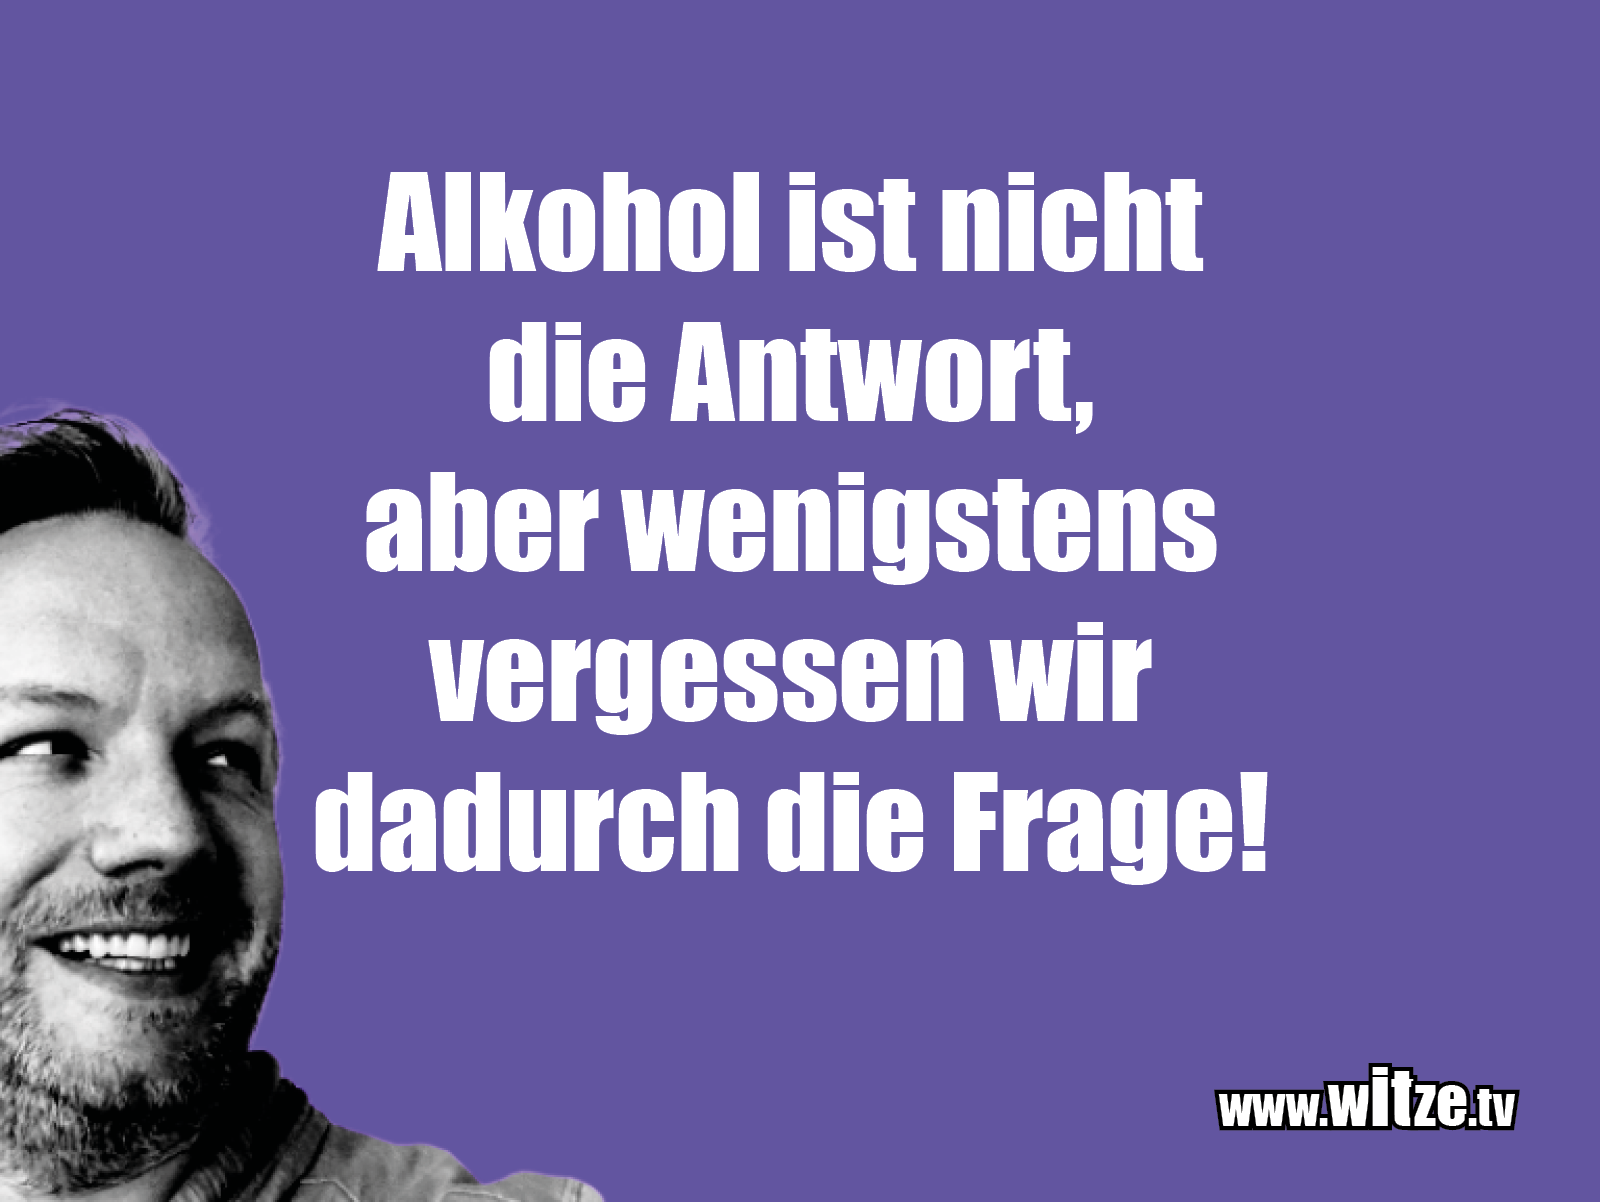 Witz über... Alkohol ist nicht die Antwort...